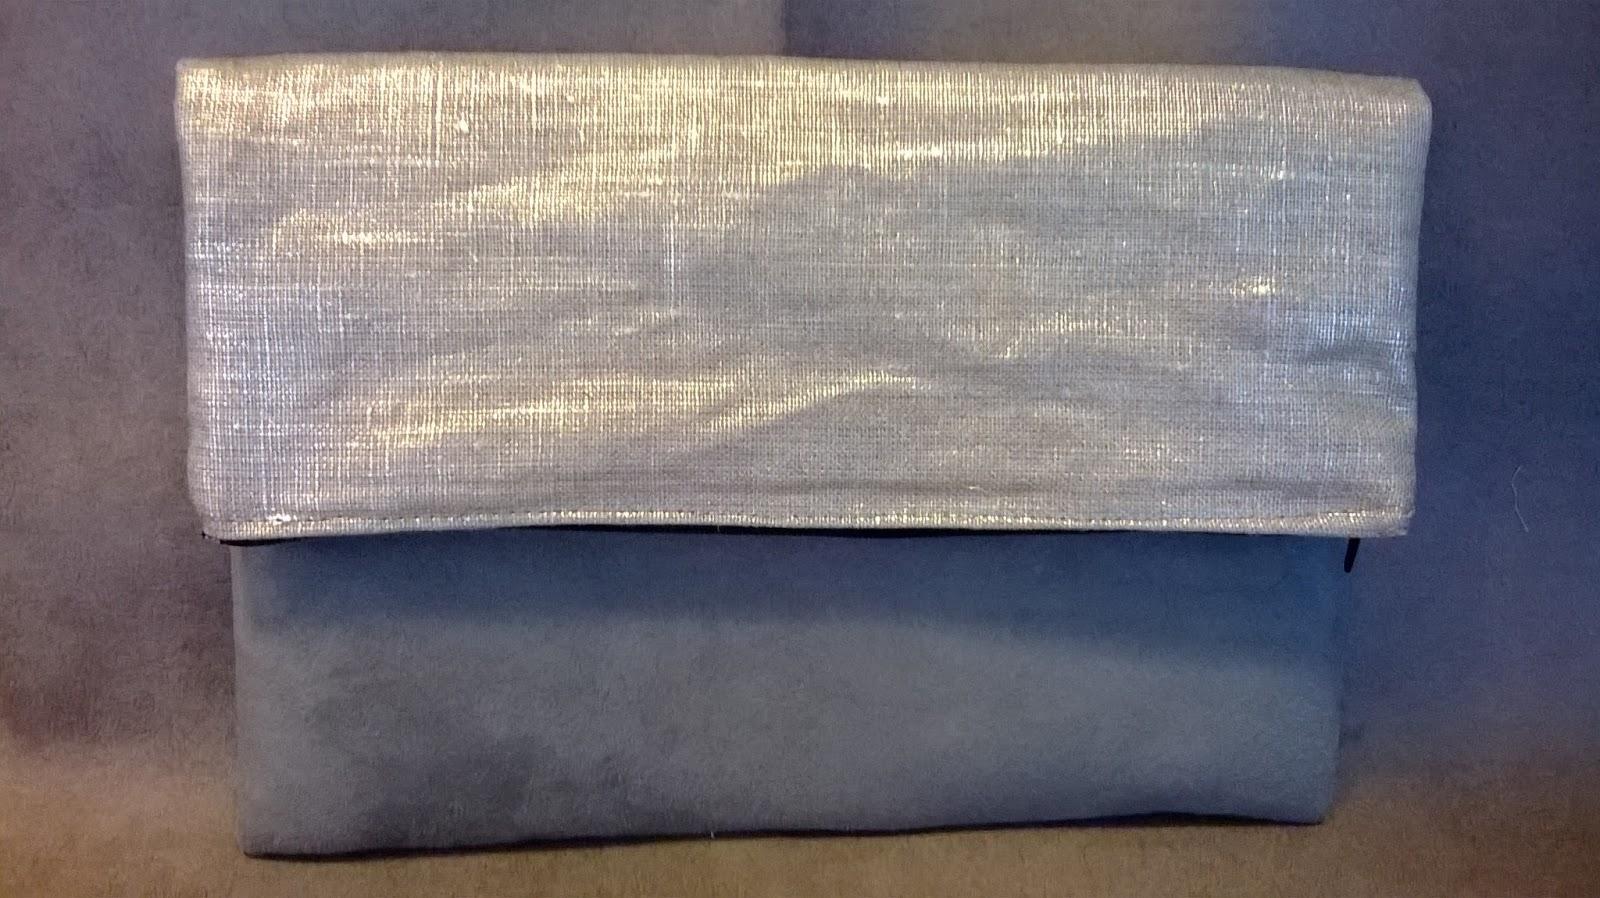 db2a270da6 Allez on va se faire une petite pochette... Pochette réalisée en suédine  noire et simili cuir gris gaufré. Doublée et renforcée pour un bon maintien.